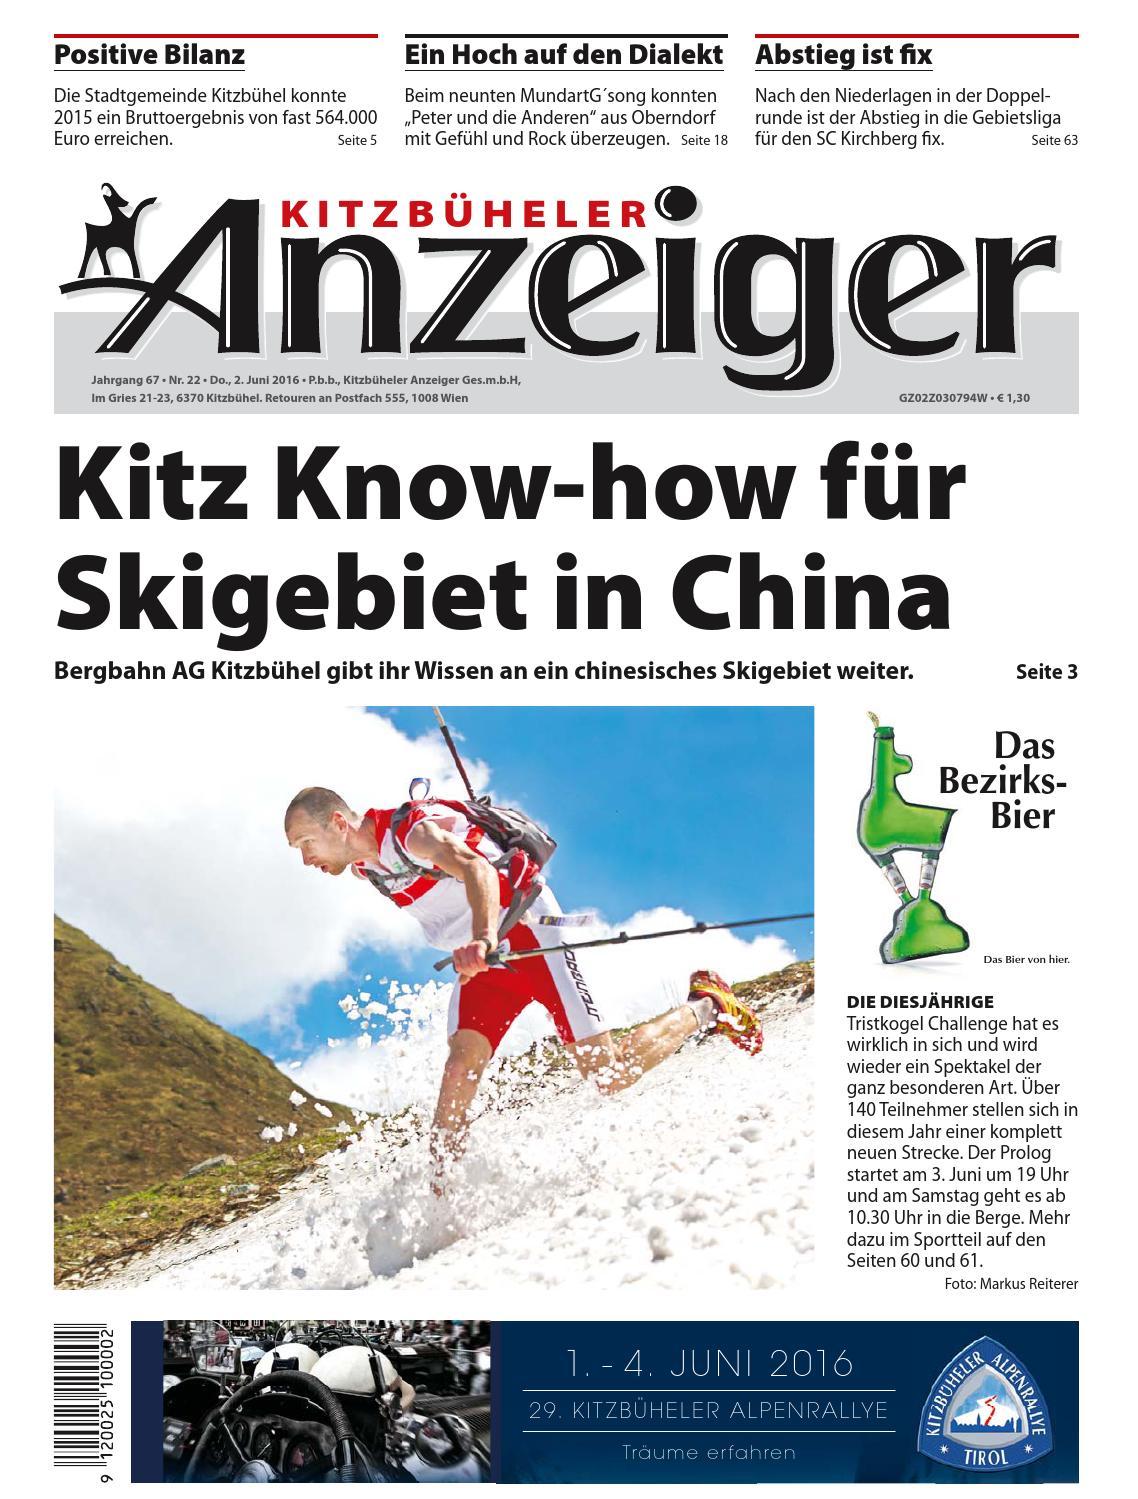 Horrortag von Kitz: Dunkle Wolken ber dem Idyll | intertecinc.com